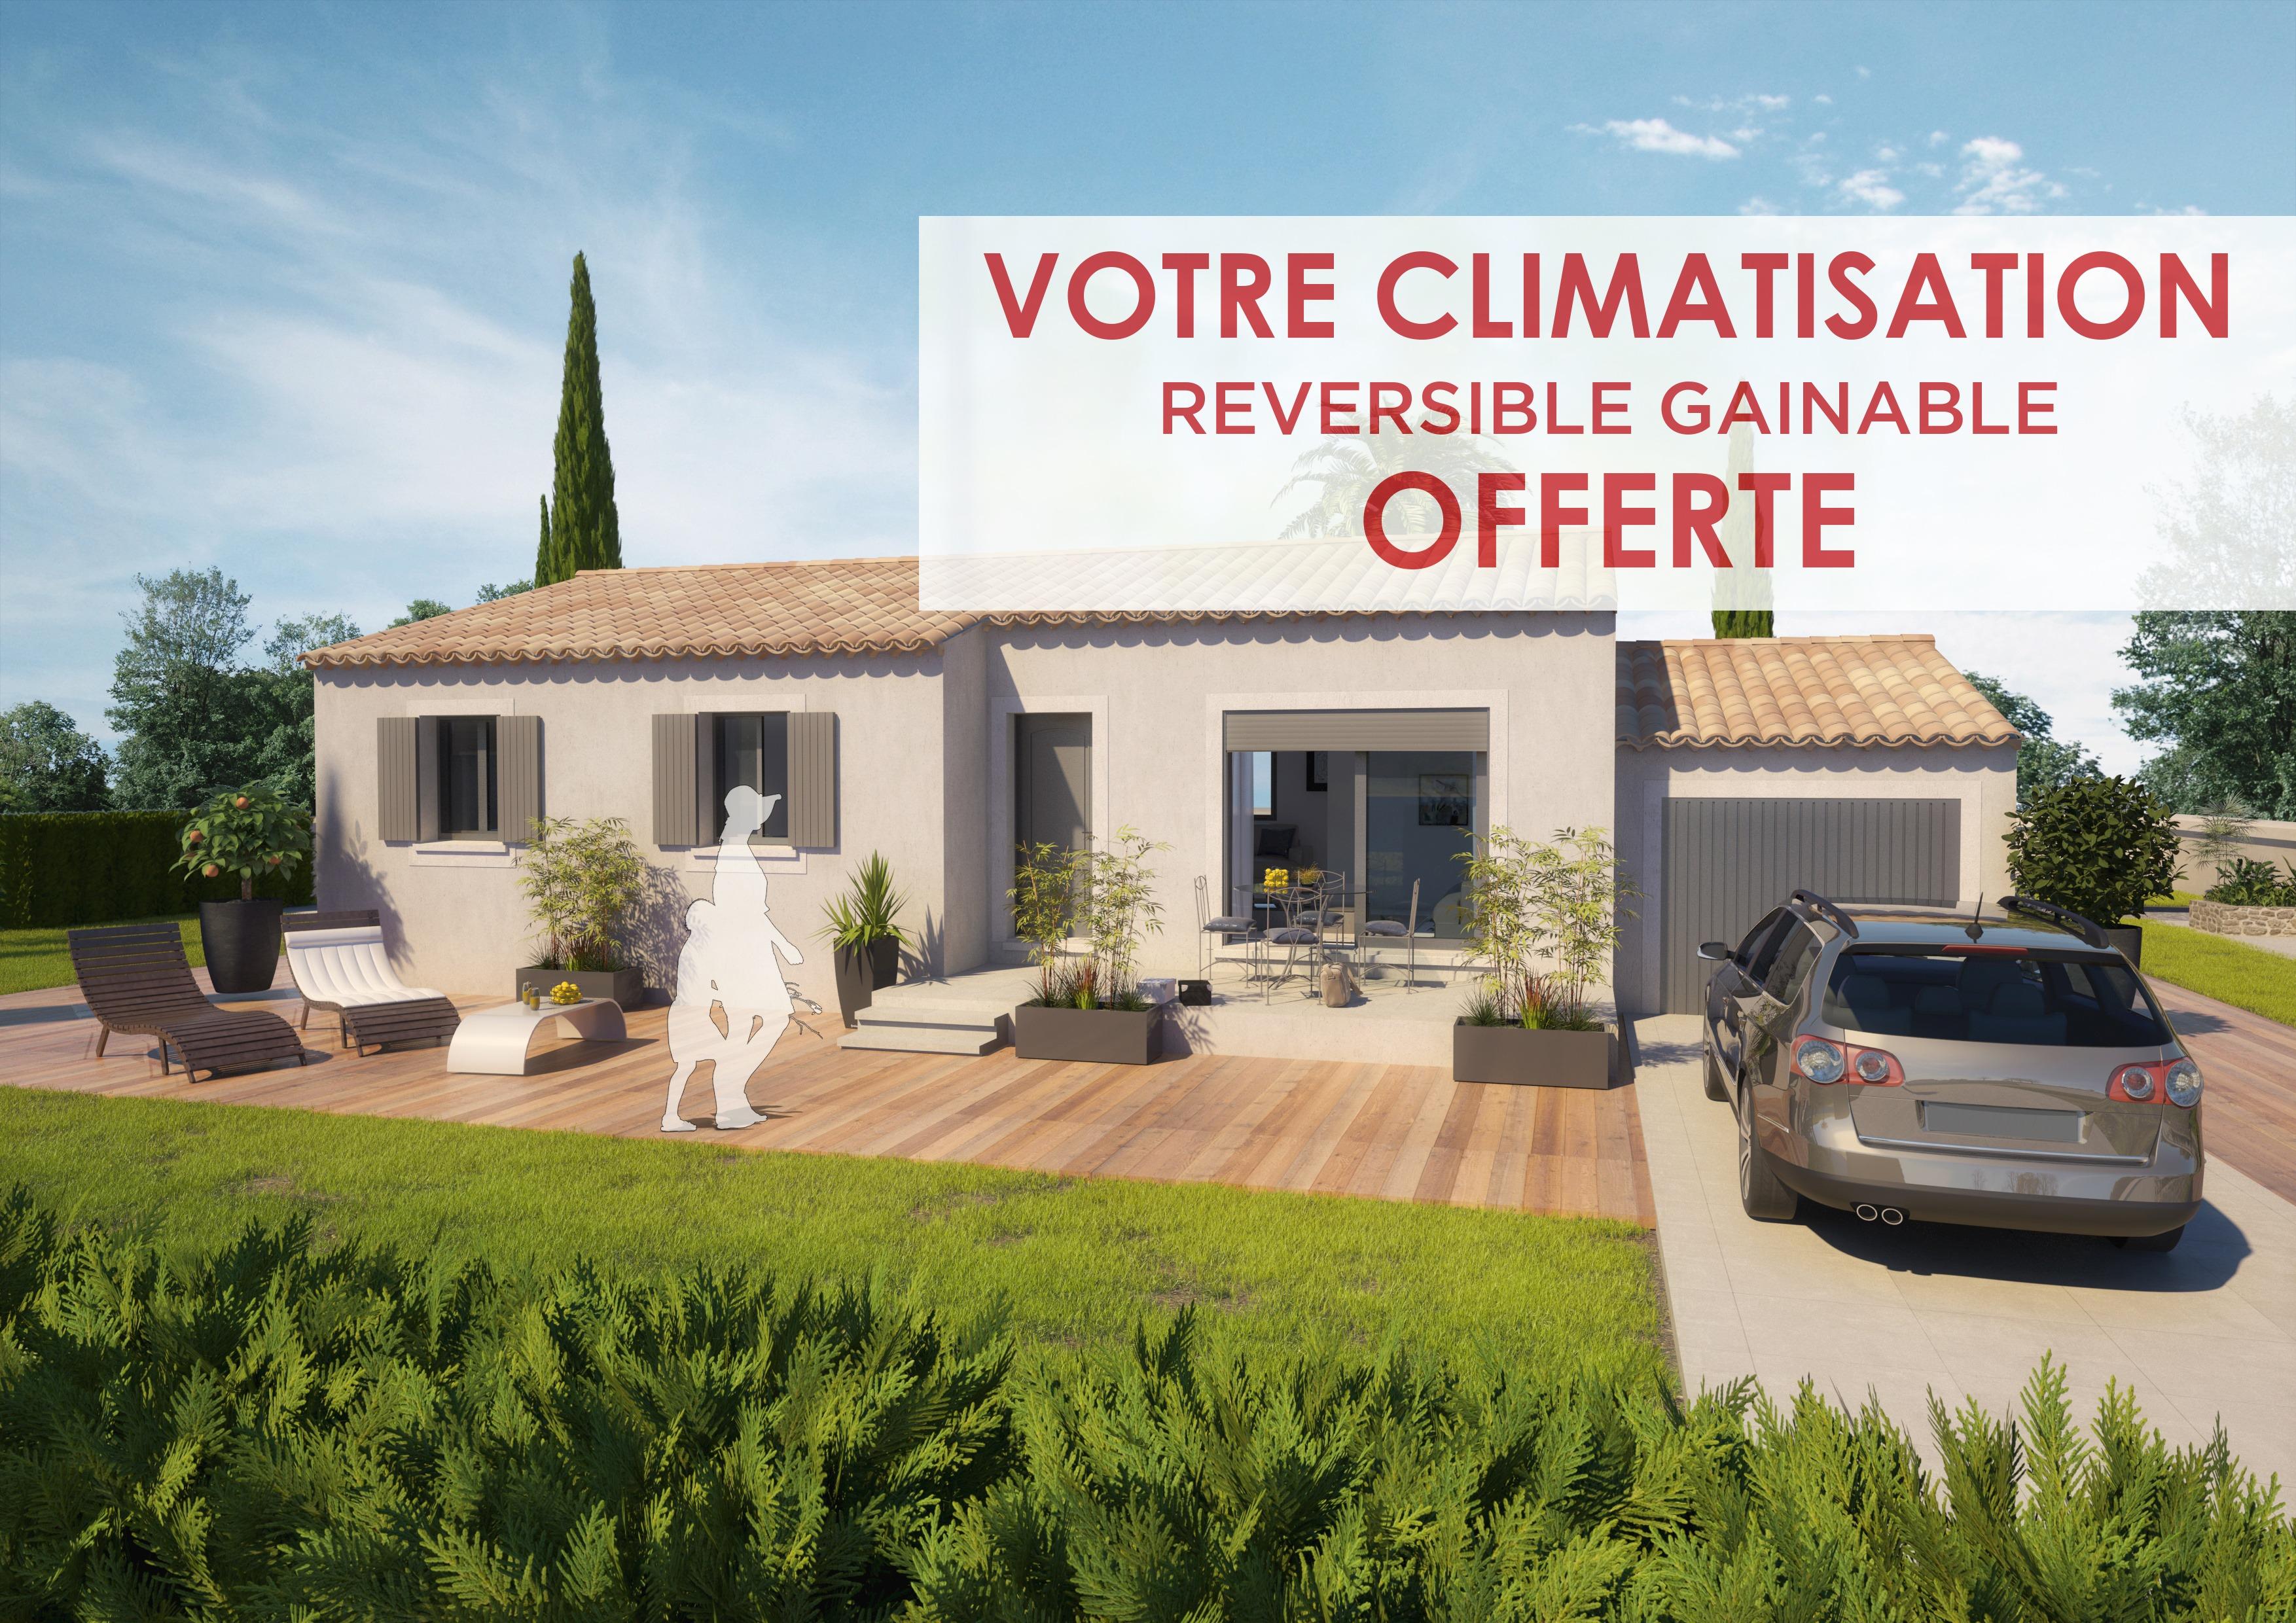 Maisons + Terrains du constructeur ART ET TRADITIONS MEDITERRANEE • 83 m² • PONT SAINT ESPRIT